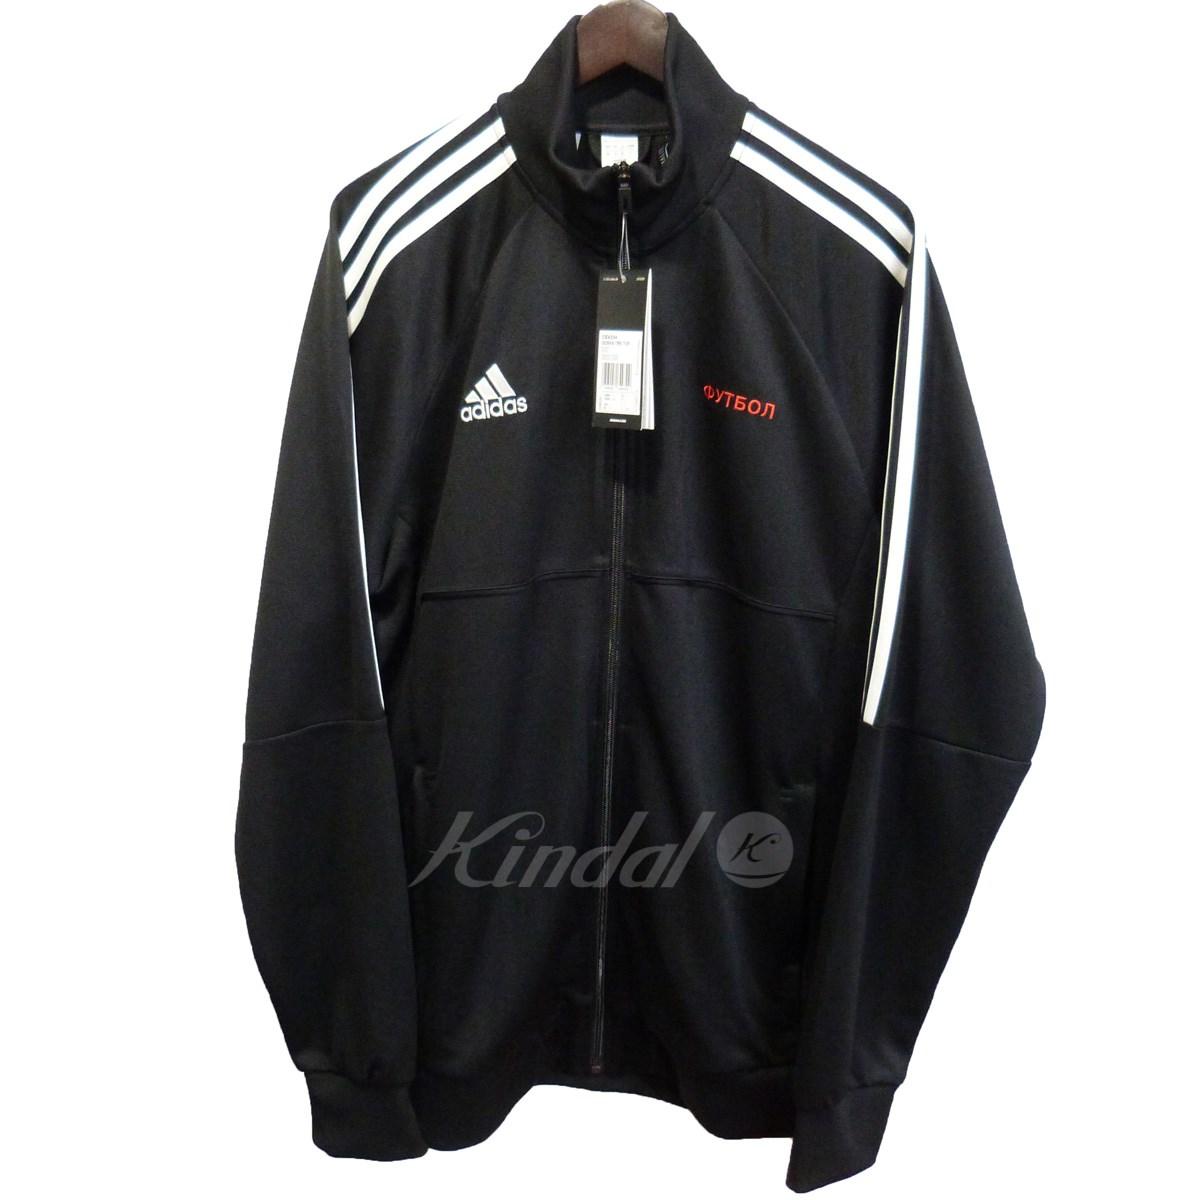 【中古】Gosha Rubchinskiy × adidas 【17AW】「GOSHA TRK TOP」トラックジャケット ブラック サイズ:US L 【送料無料】 【011118】(ゴーシャラブチンスキー アディダス)